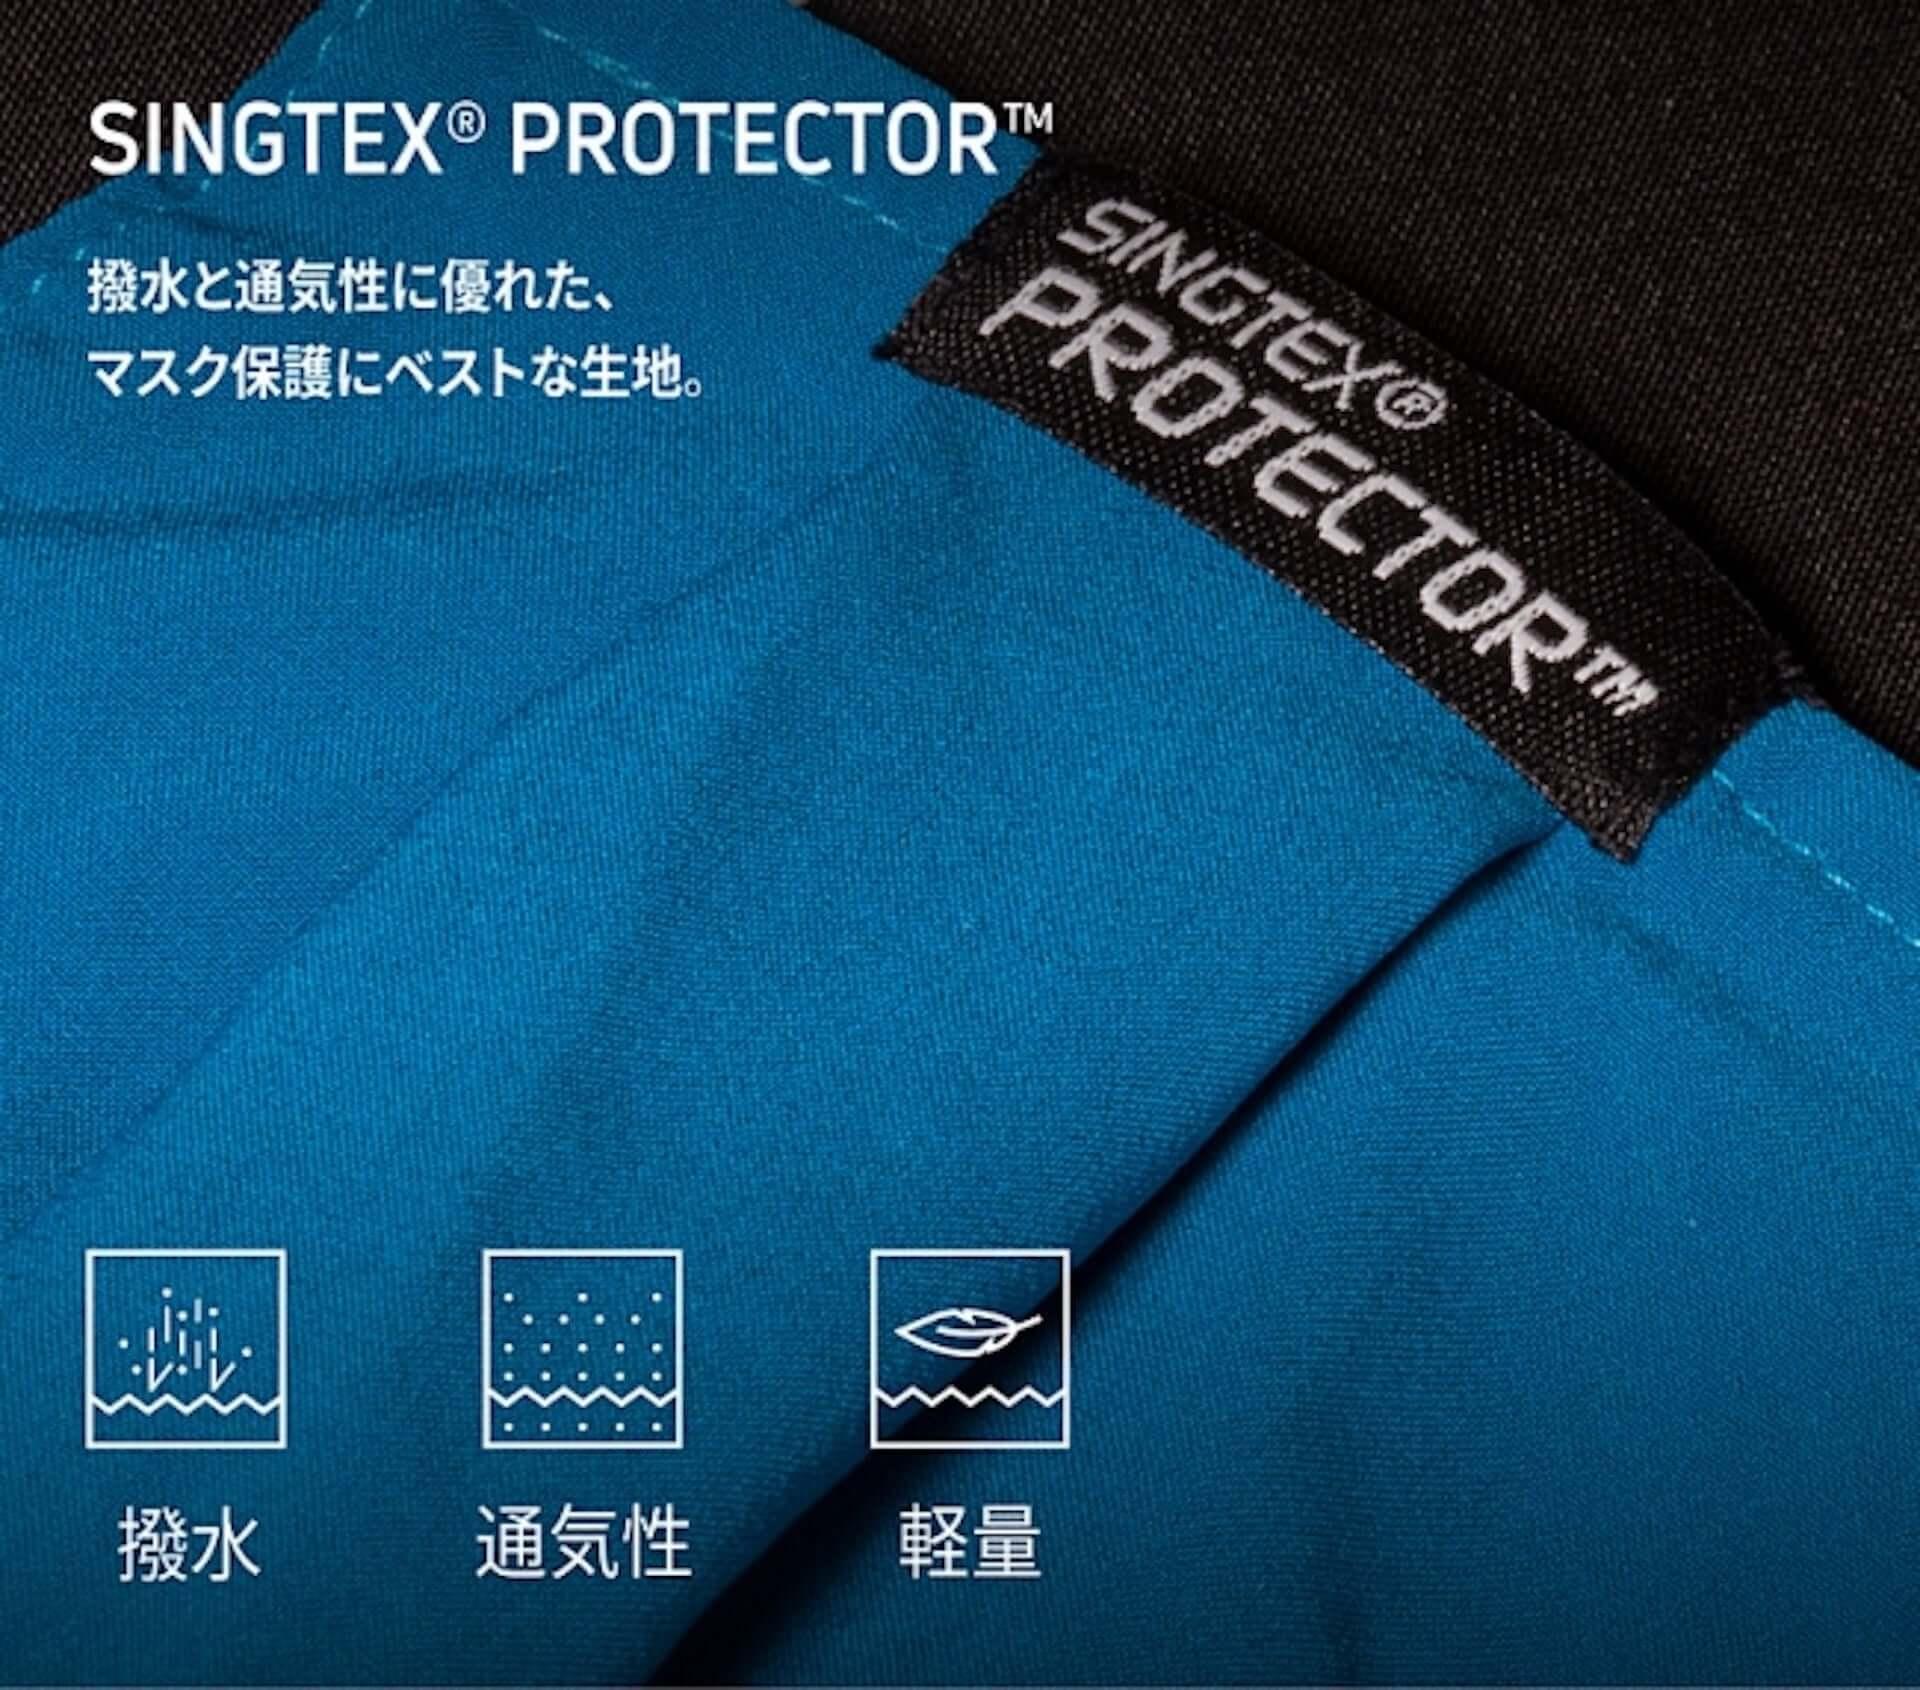 ハイテク・マスクカバー4つ購入で50枚入りマスク1箱が無料に!「SINGTEX PROTECTOR+」の家族パックキャンペーンが実施 tech200521_singtexmask_03-1920x1690